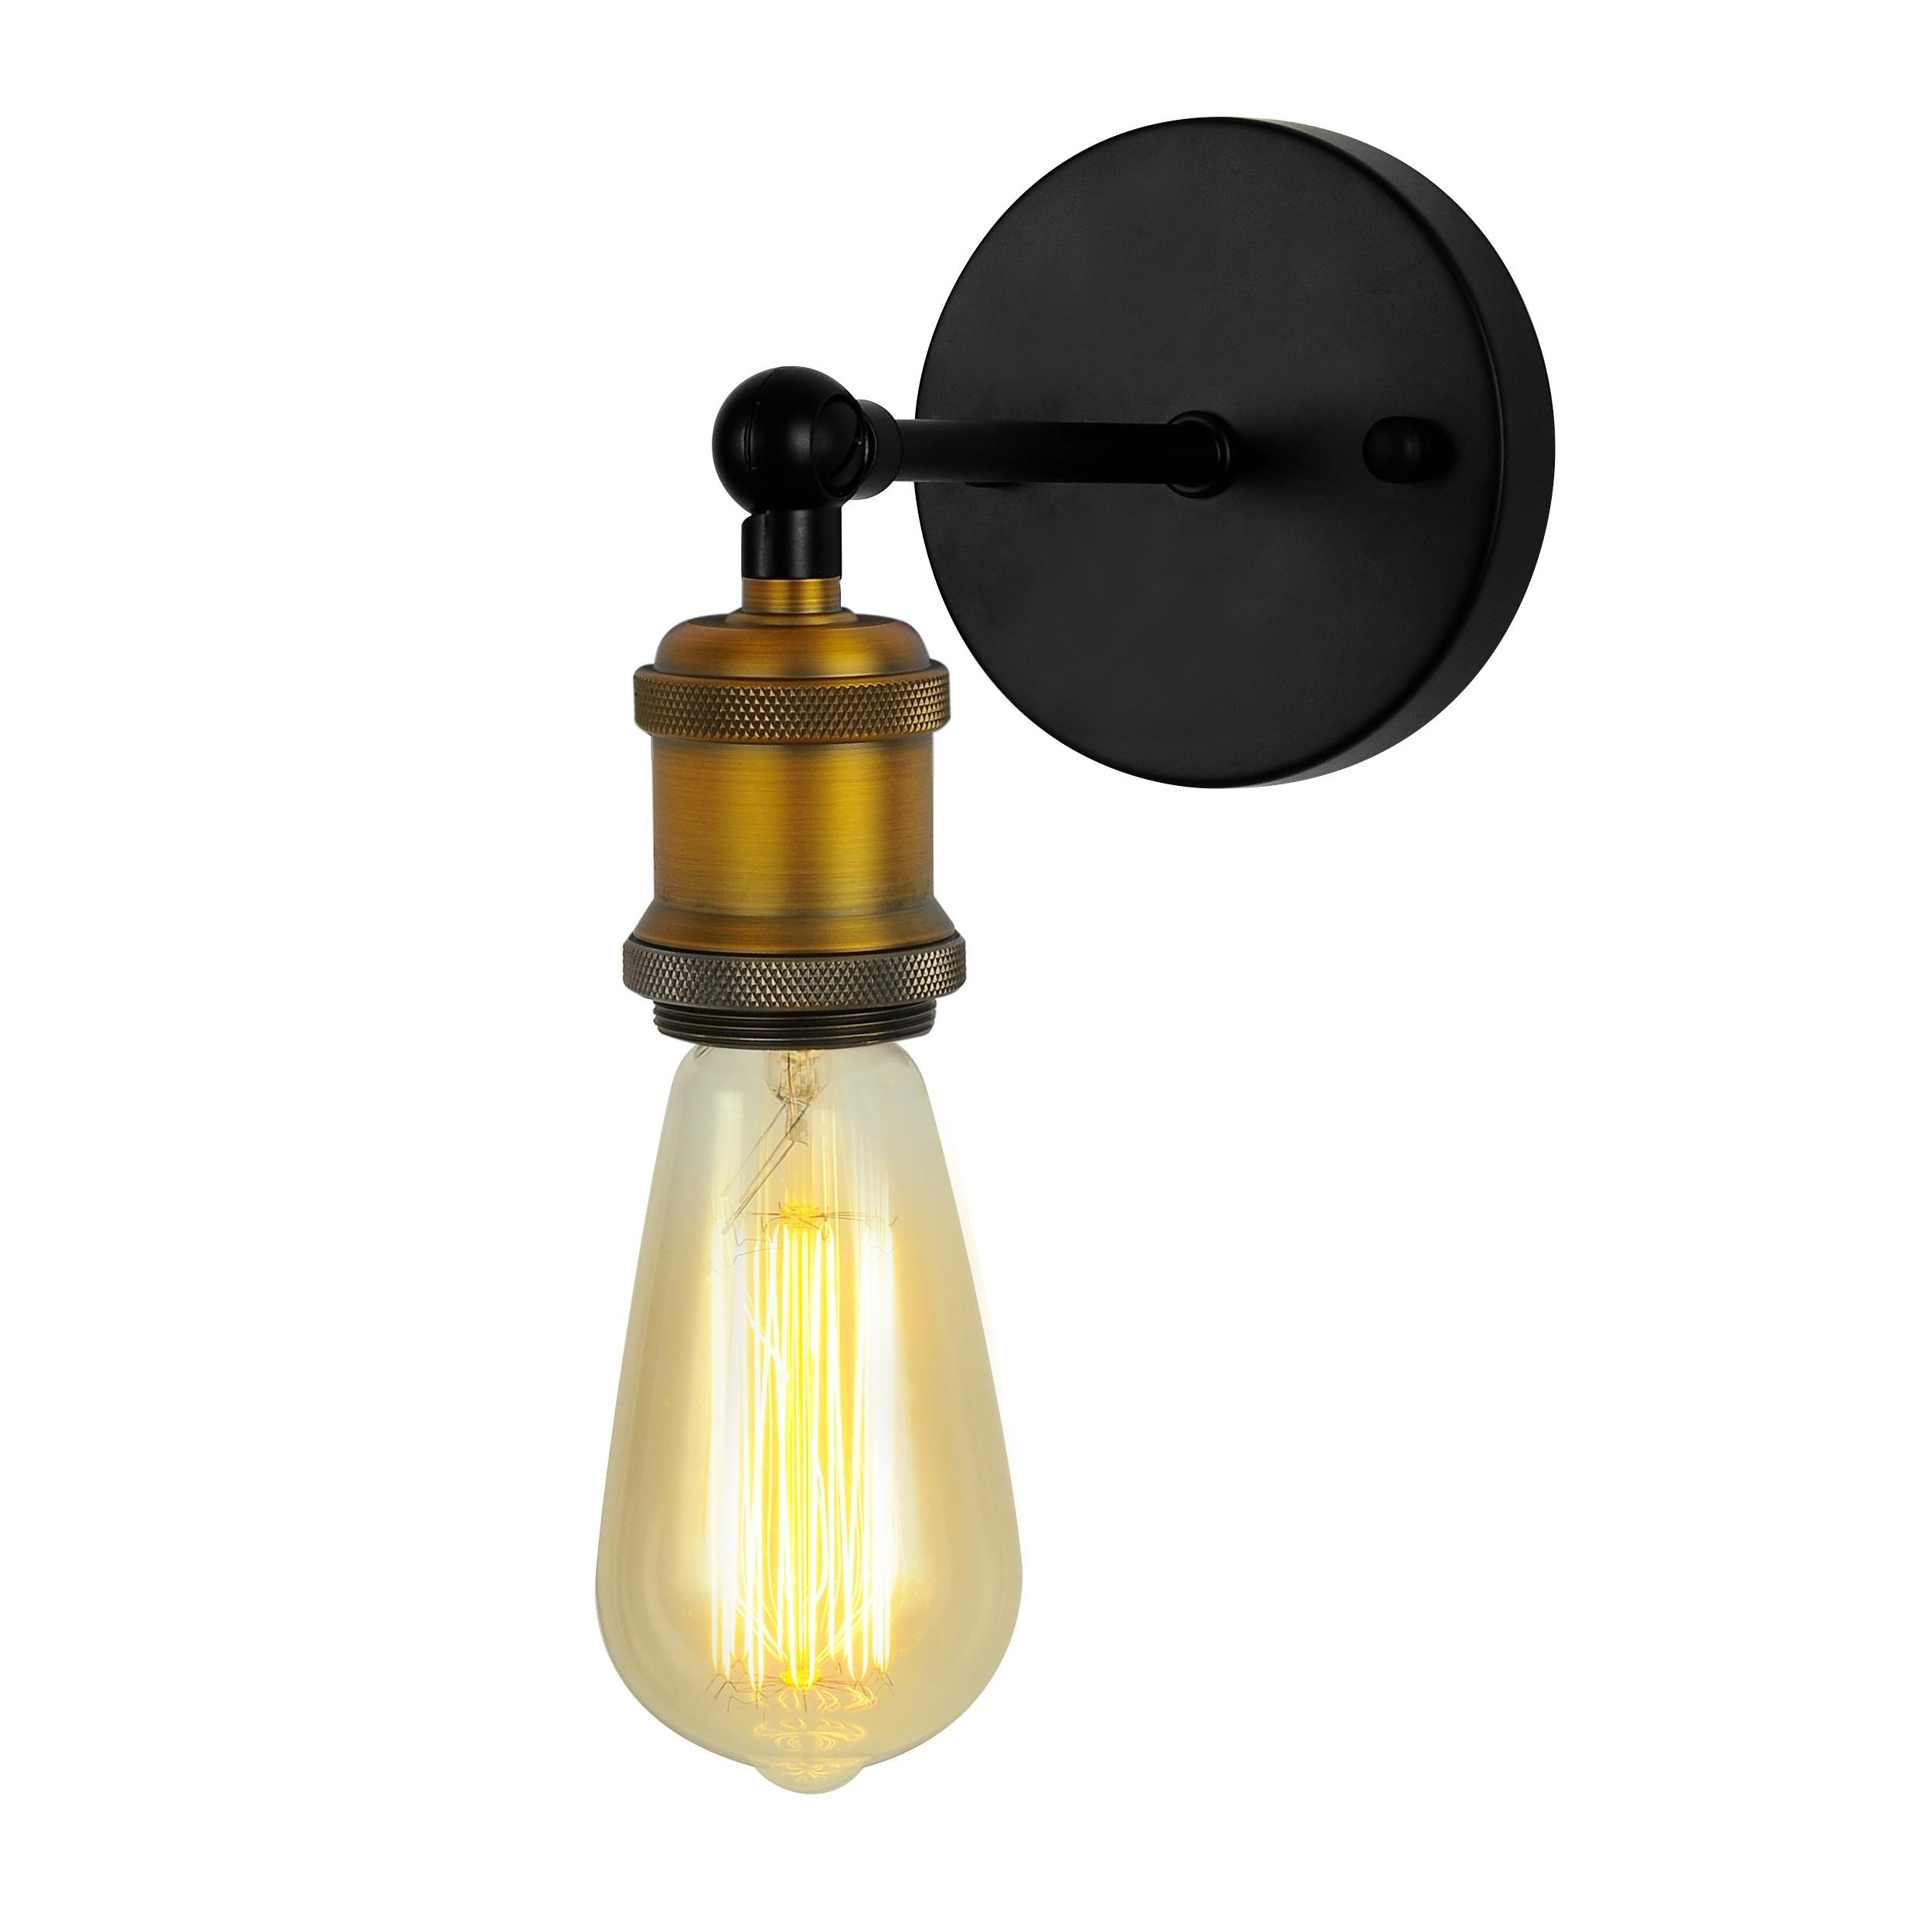 acheter lampe applique indus